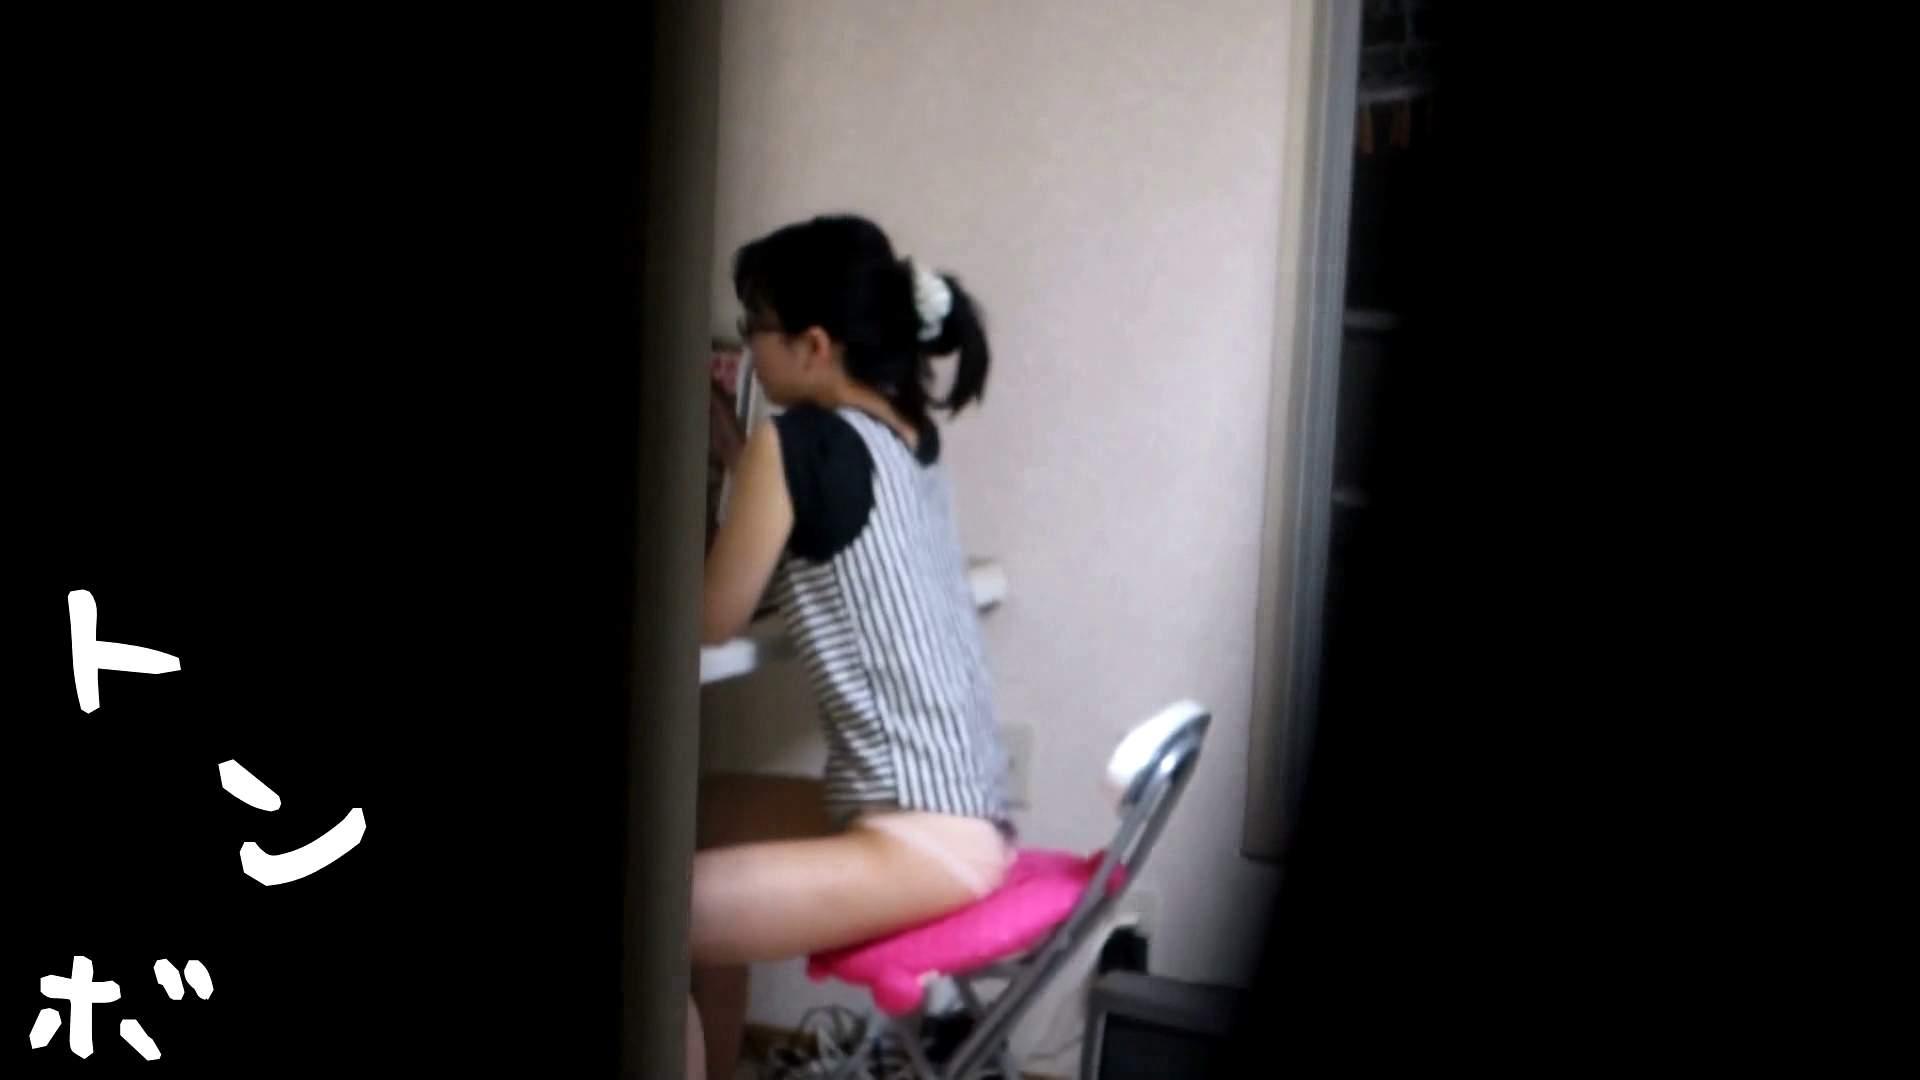 リアル盗撮 清楚なお女市さんのマル秘私生活① 高評価  88PIX 2